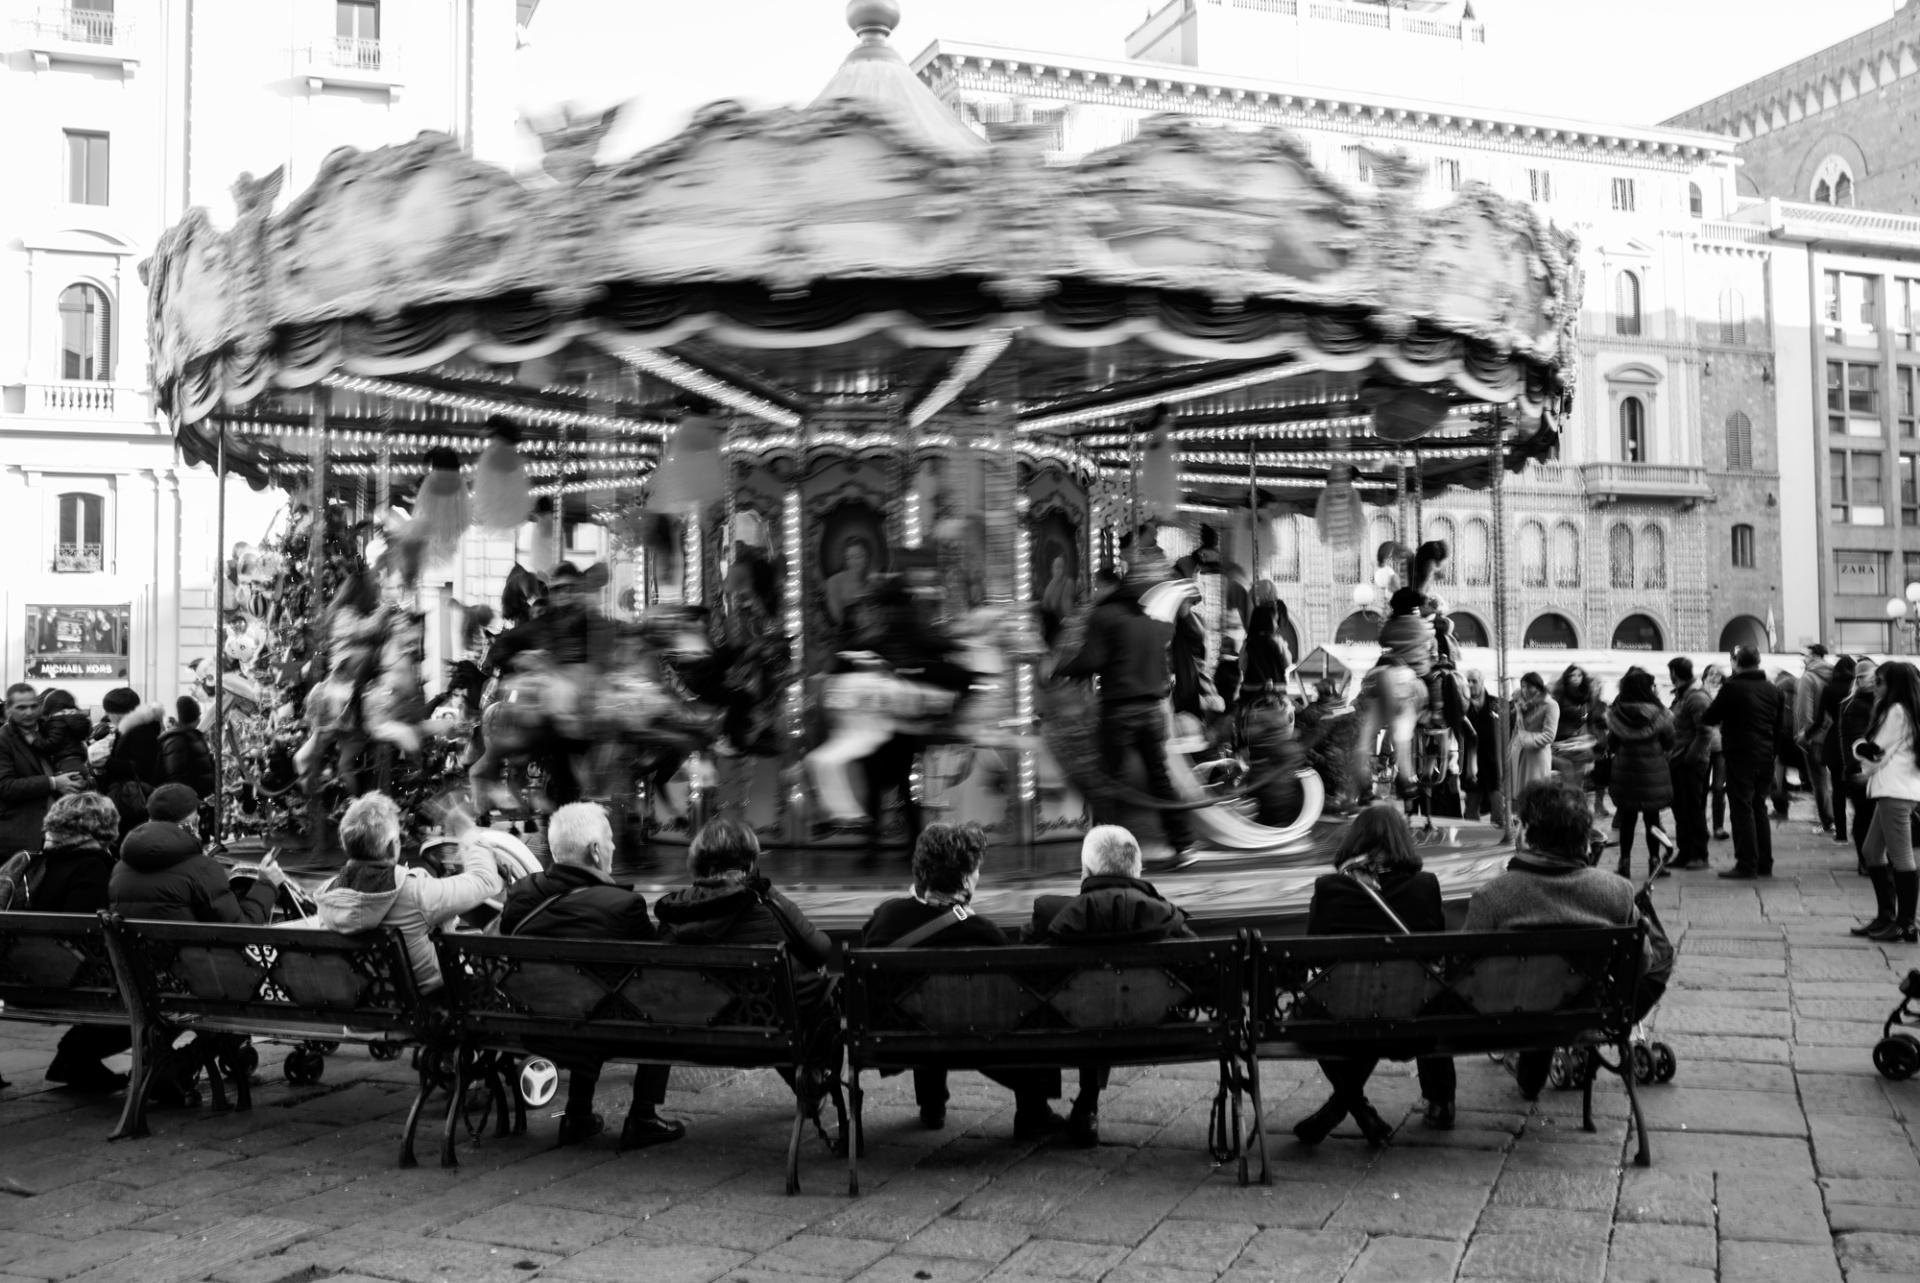 Slow time, Le Fotografie comprese in questo portfolio rappresentano solo una limitata selezione della più ampia e variagata produzione dell'autore. Una raccolta antologica, che comprende oltre un